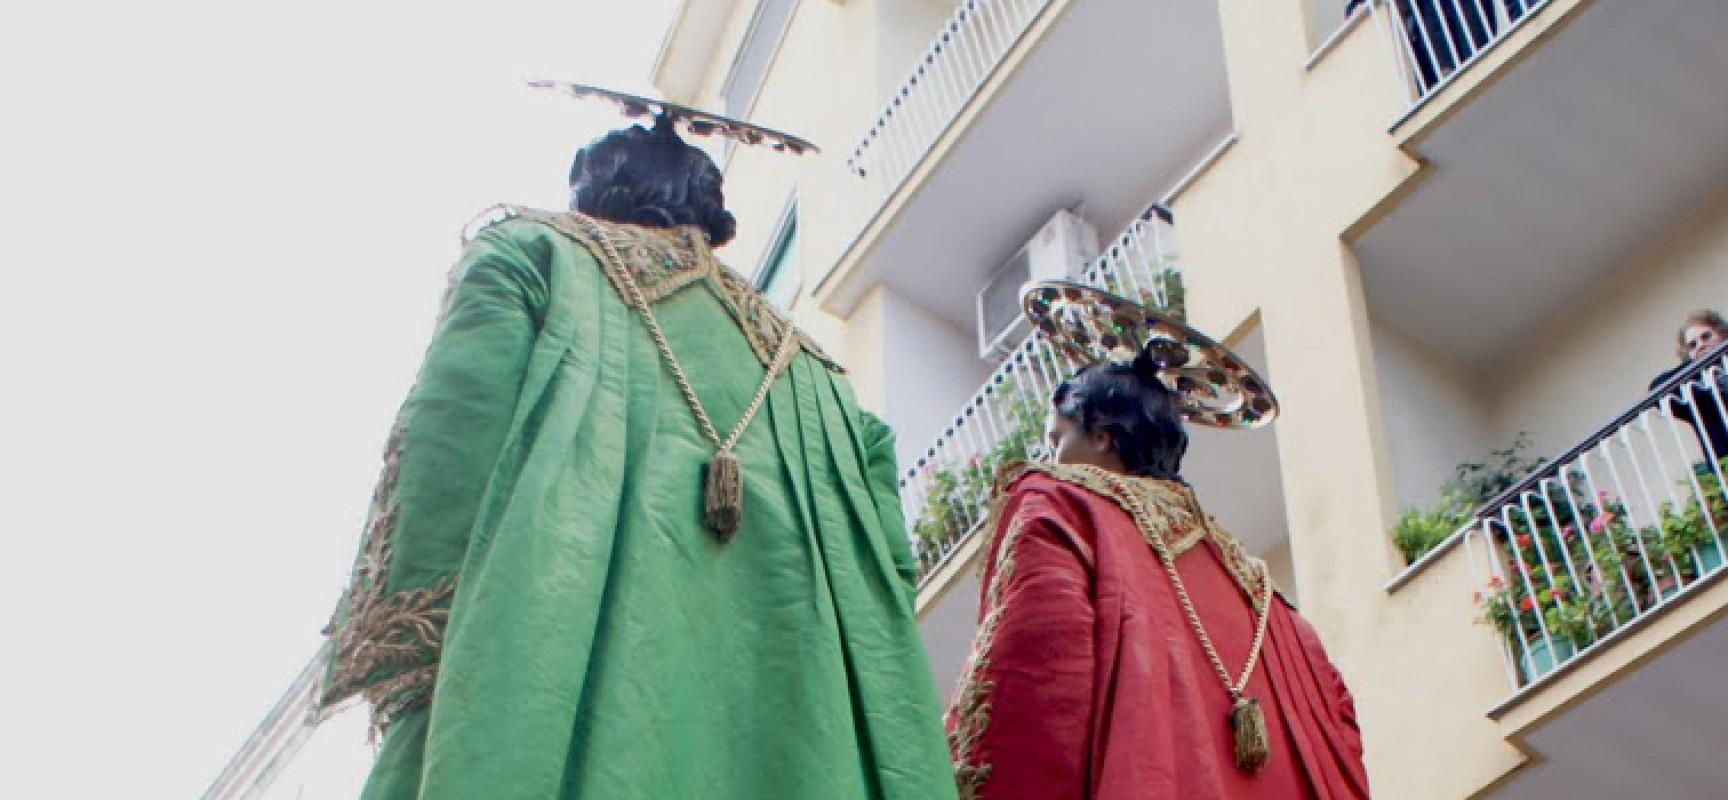 Santi Medici, in partenza oggi le celebrazioni religiose